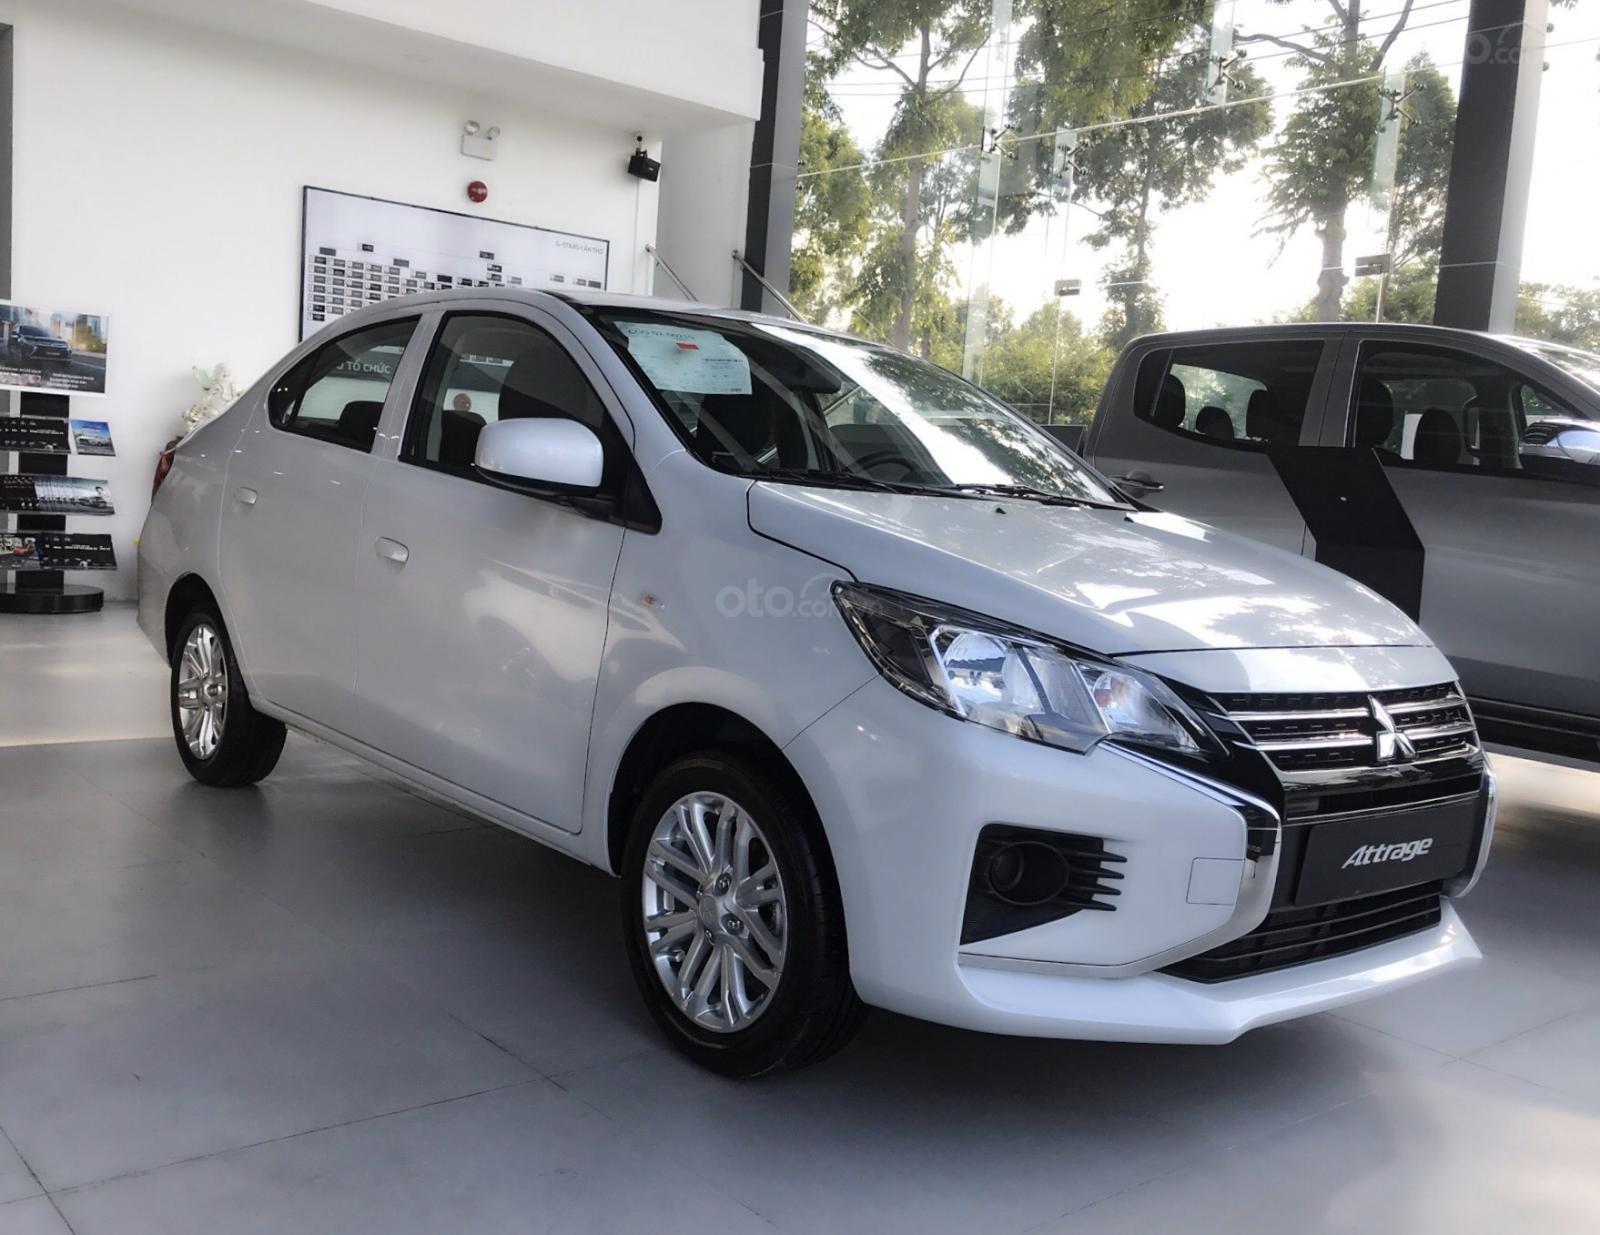 Trả trước 118 triệu nhận ngay xe Mitsubishi Attrage nhập khẩu (1)